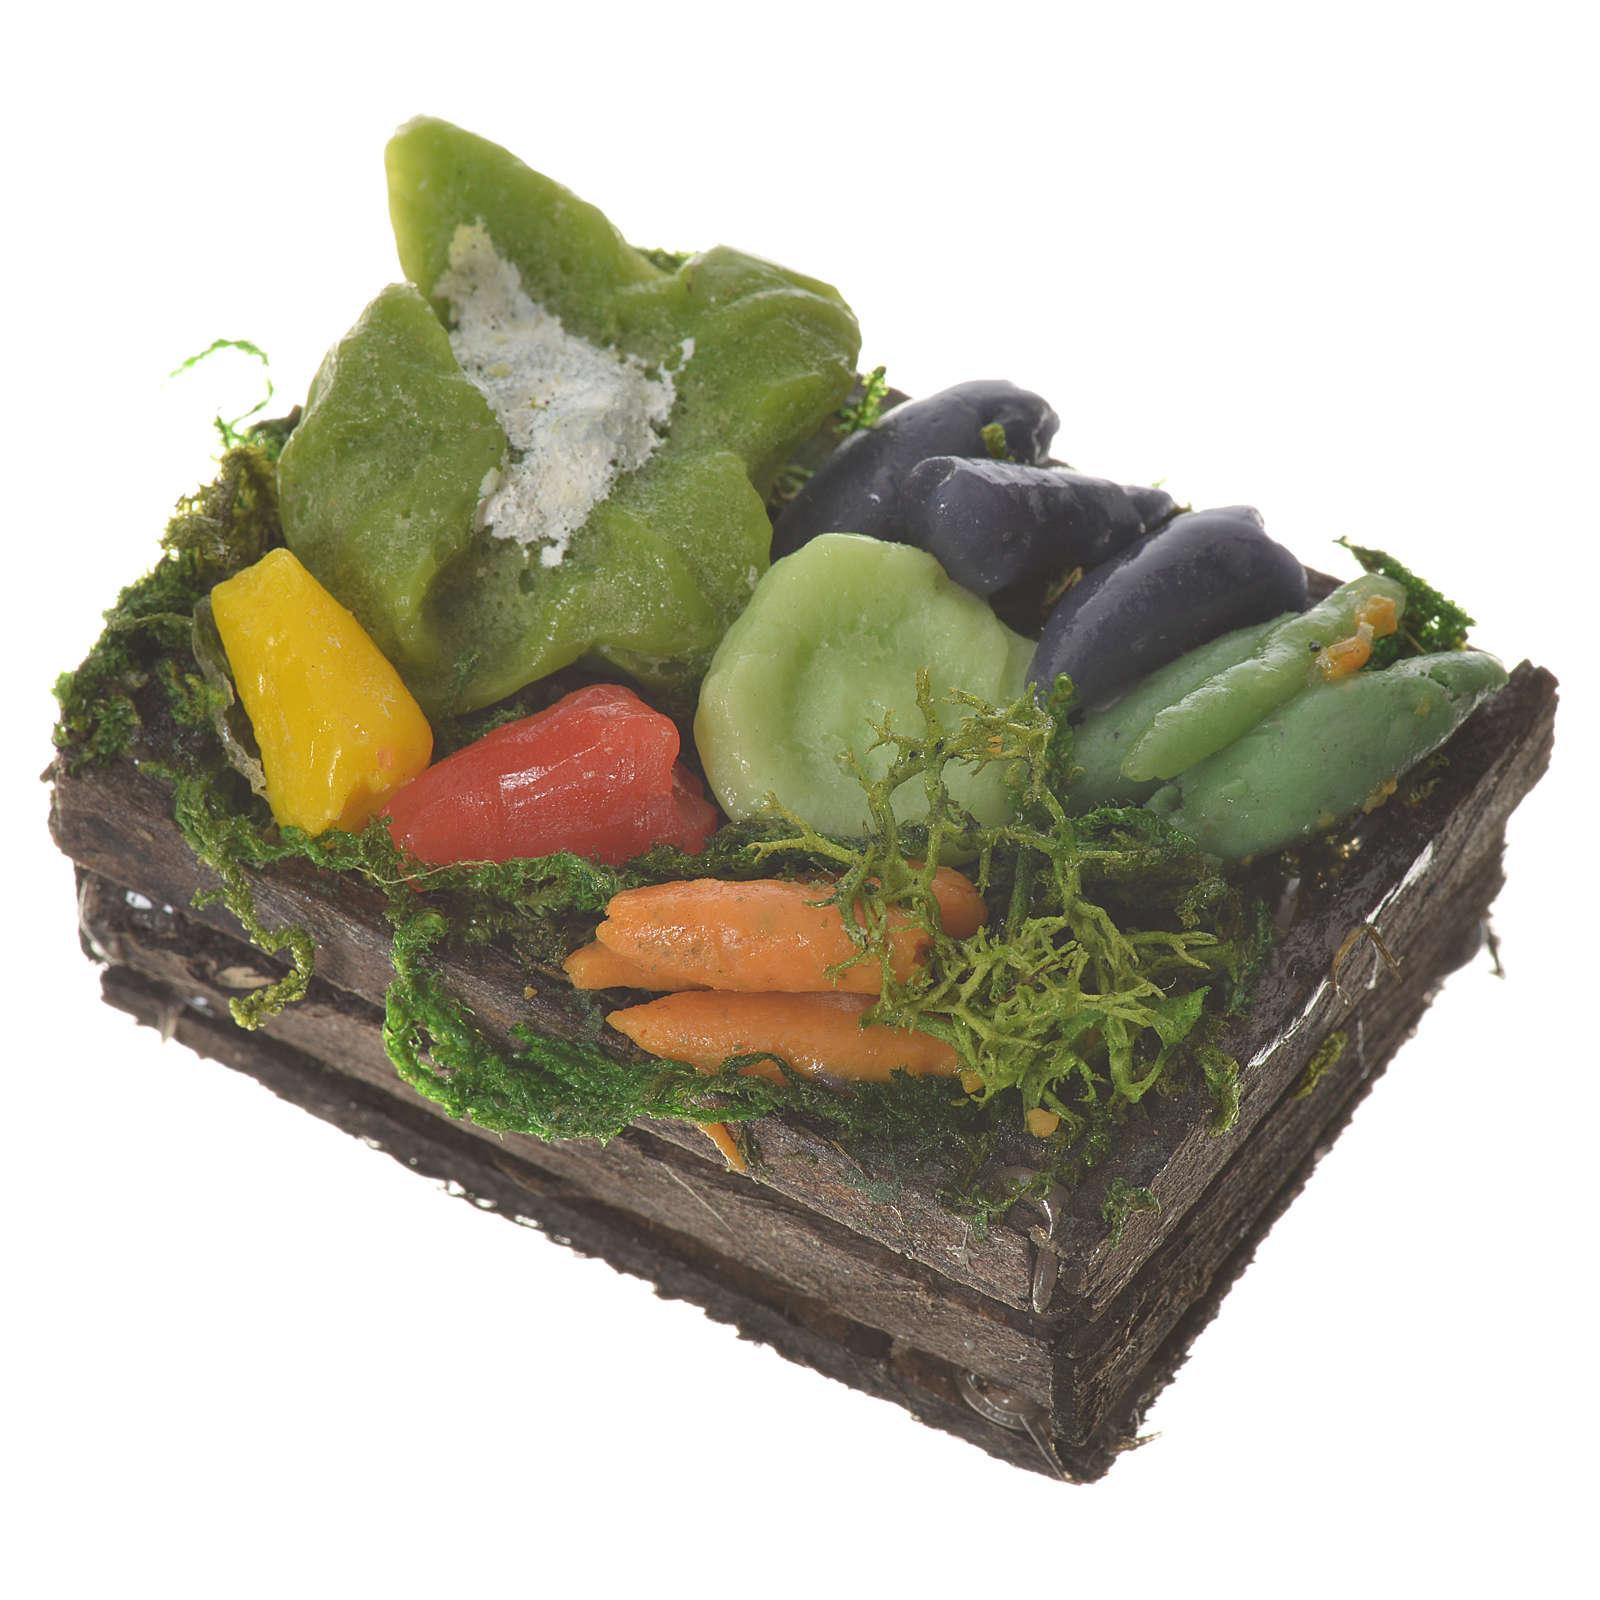 Skrzynka warzyw wosk do figur szopka 20-24 cm 4